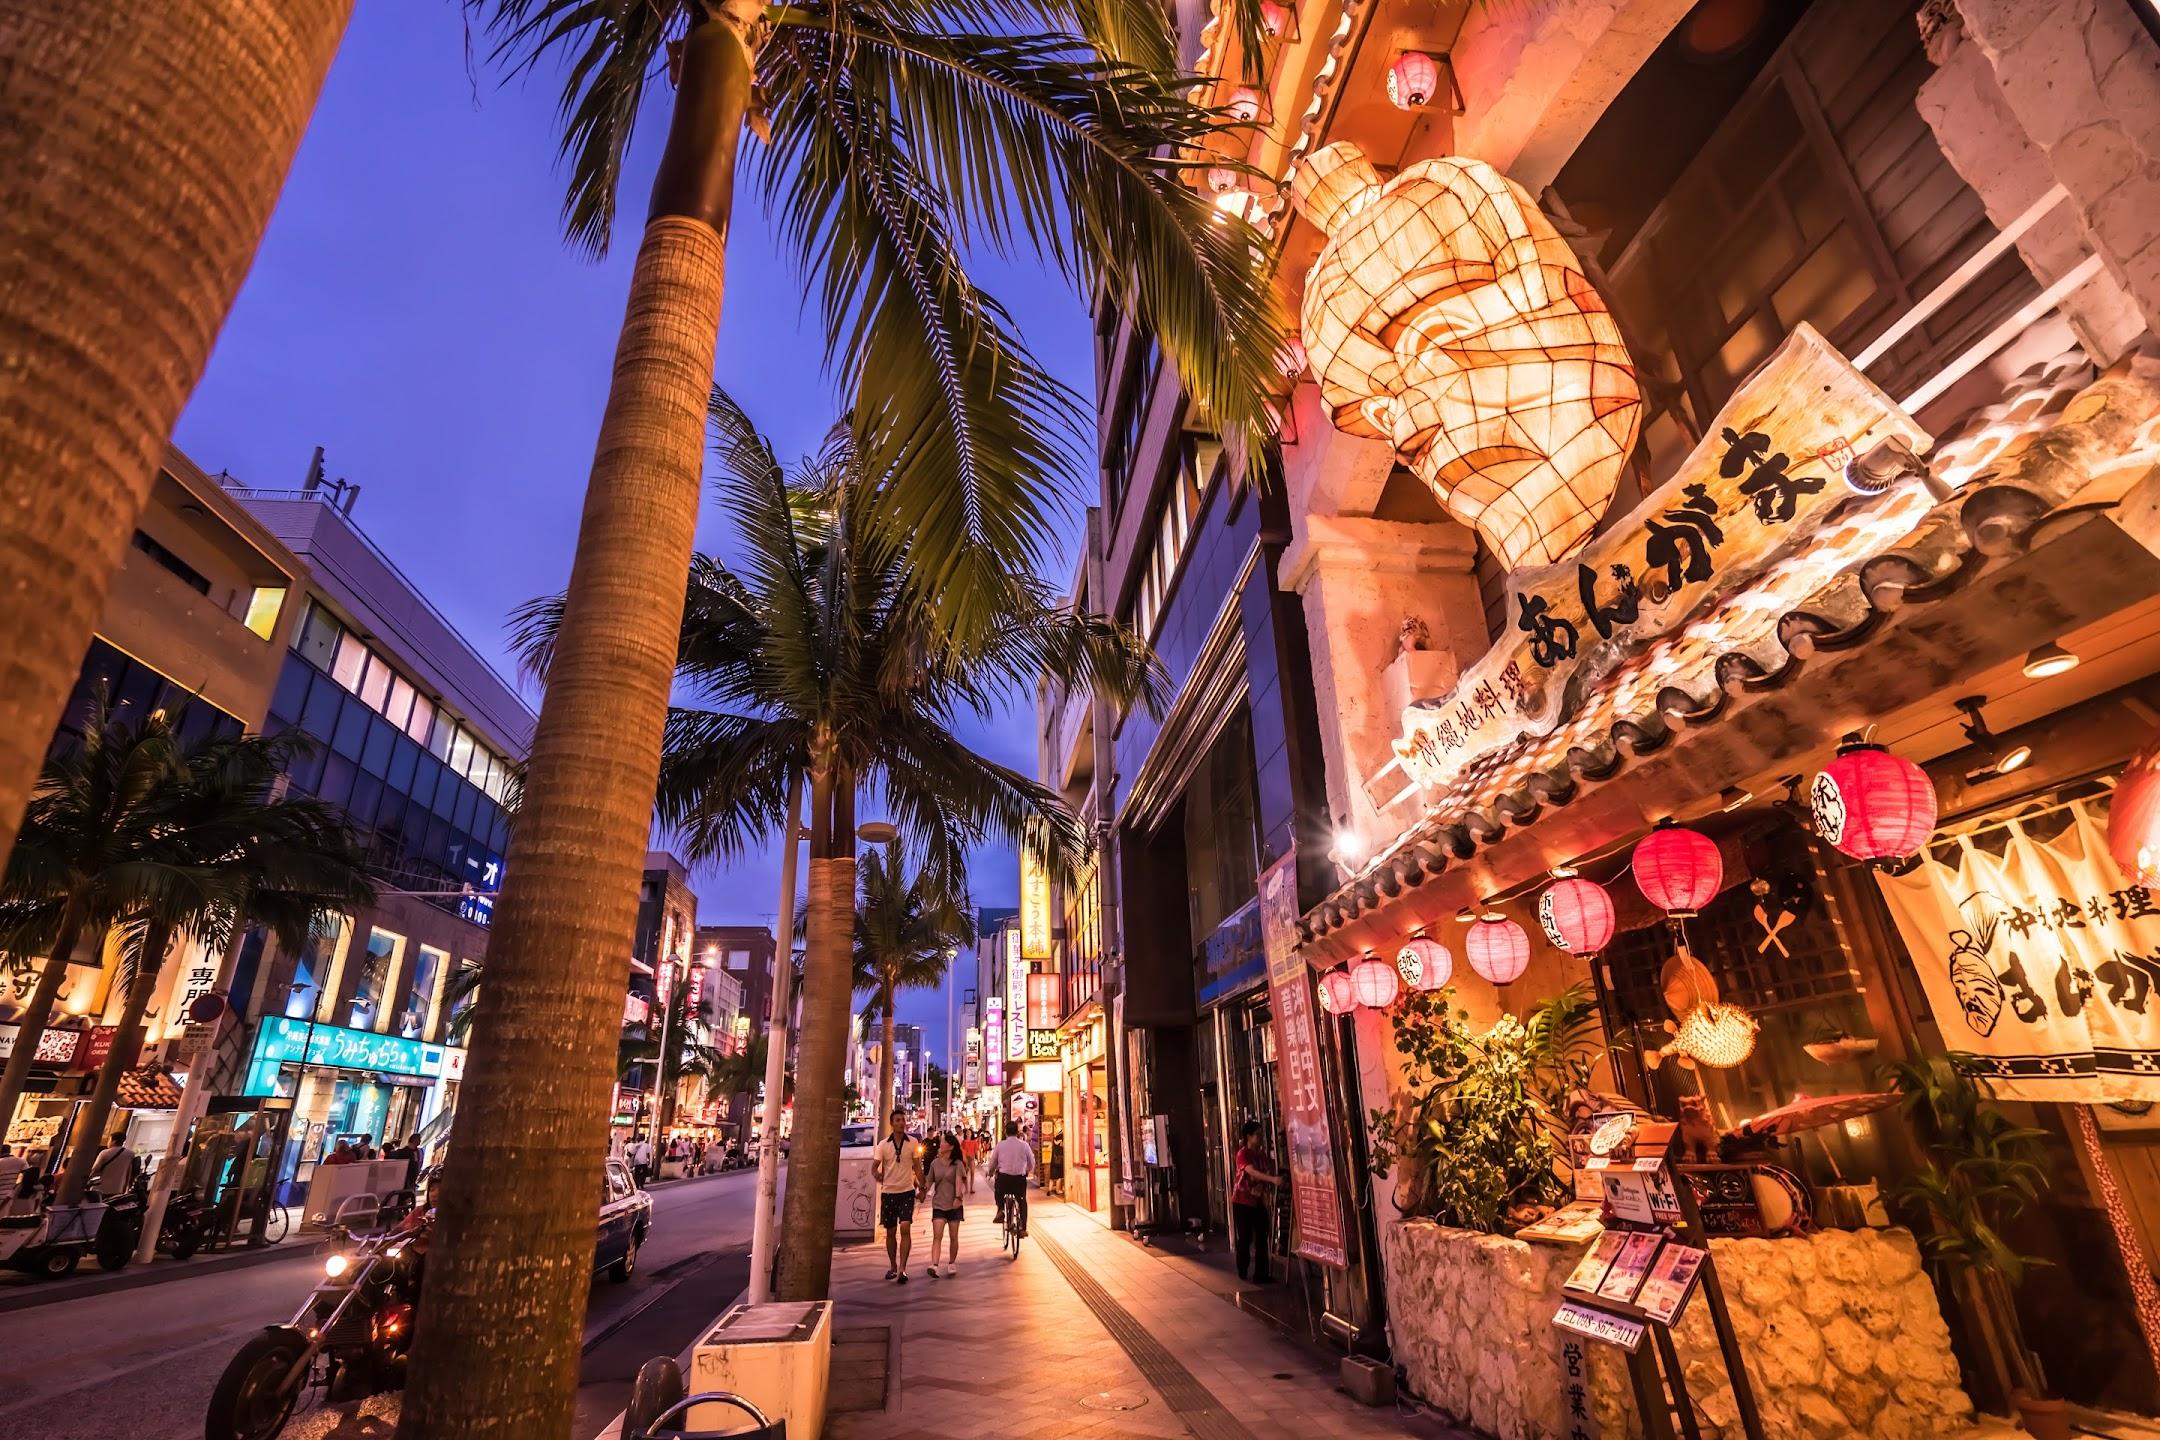 Okinawa Kokusai Street evening3